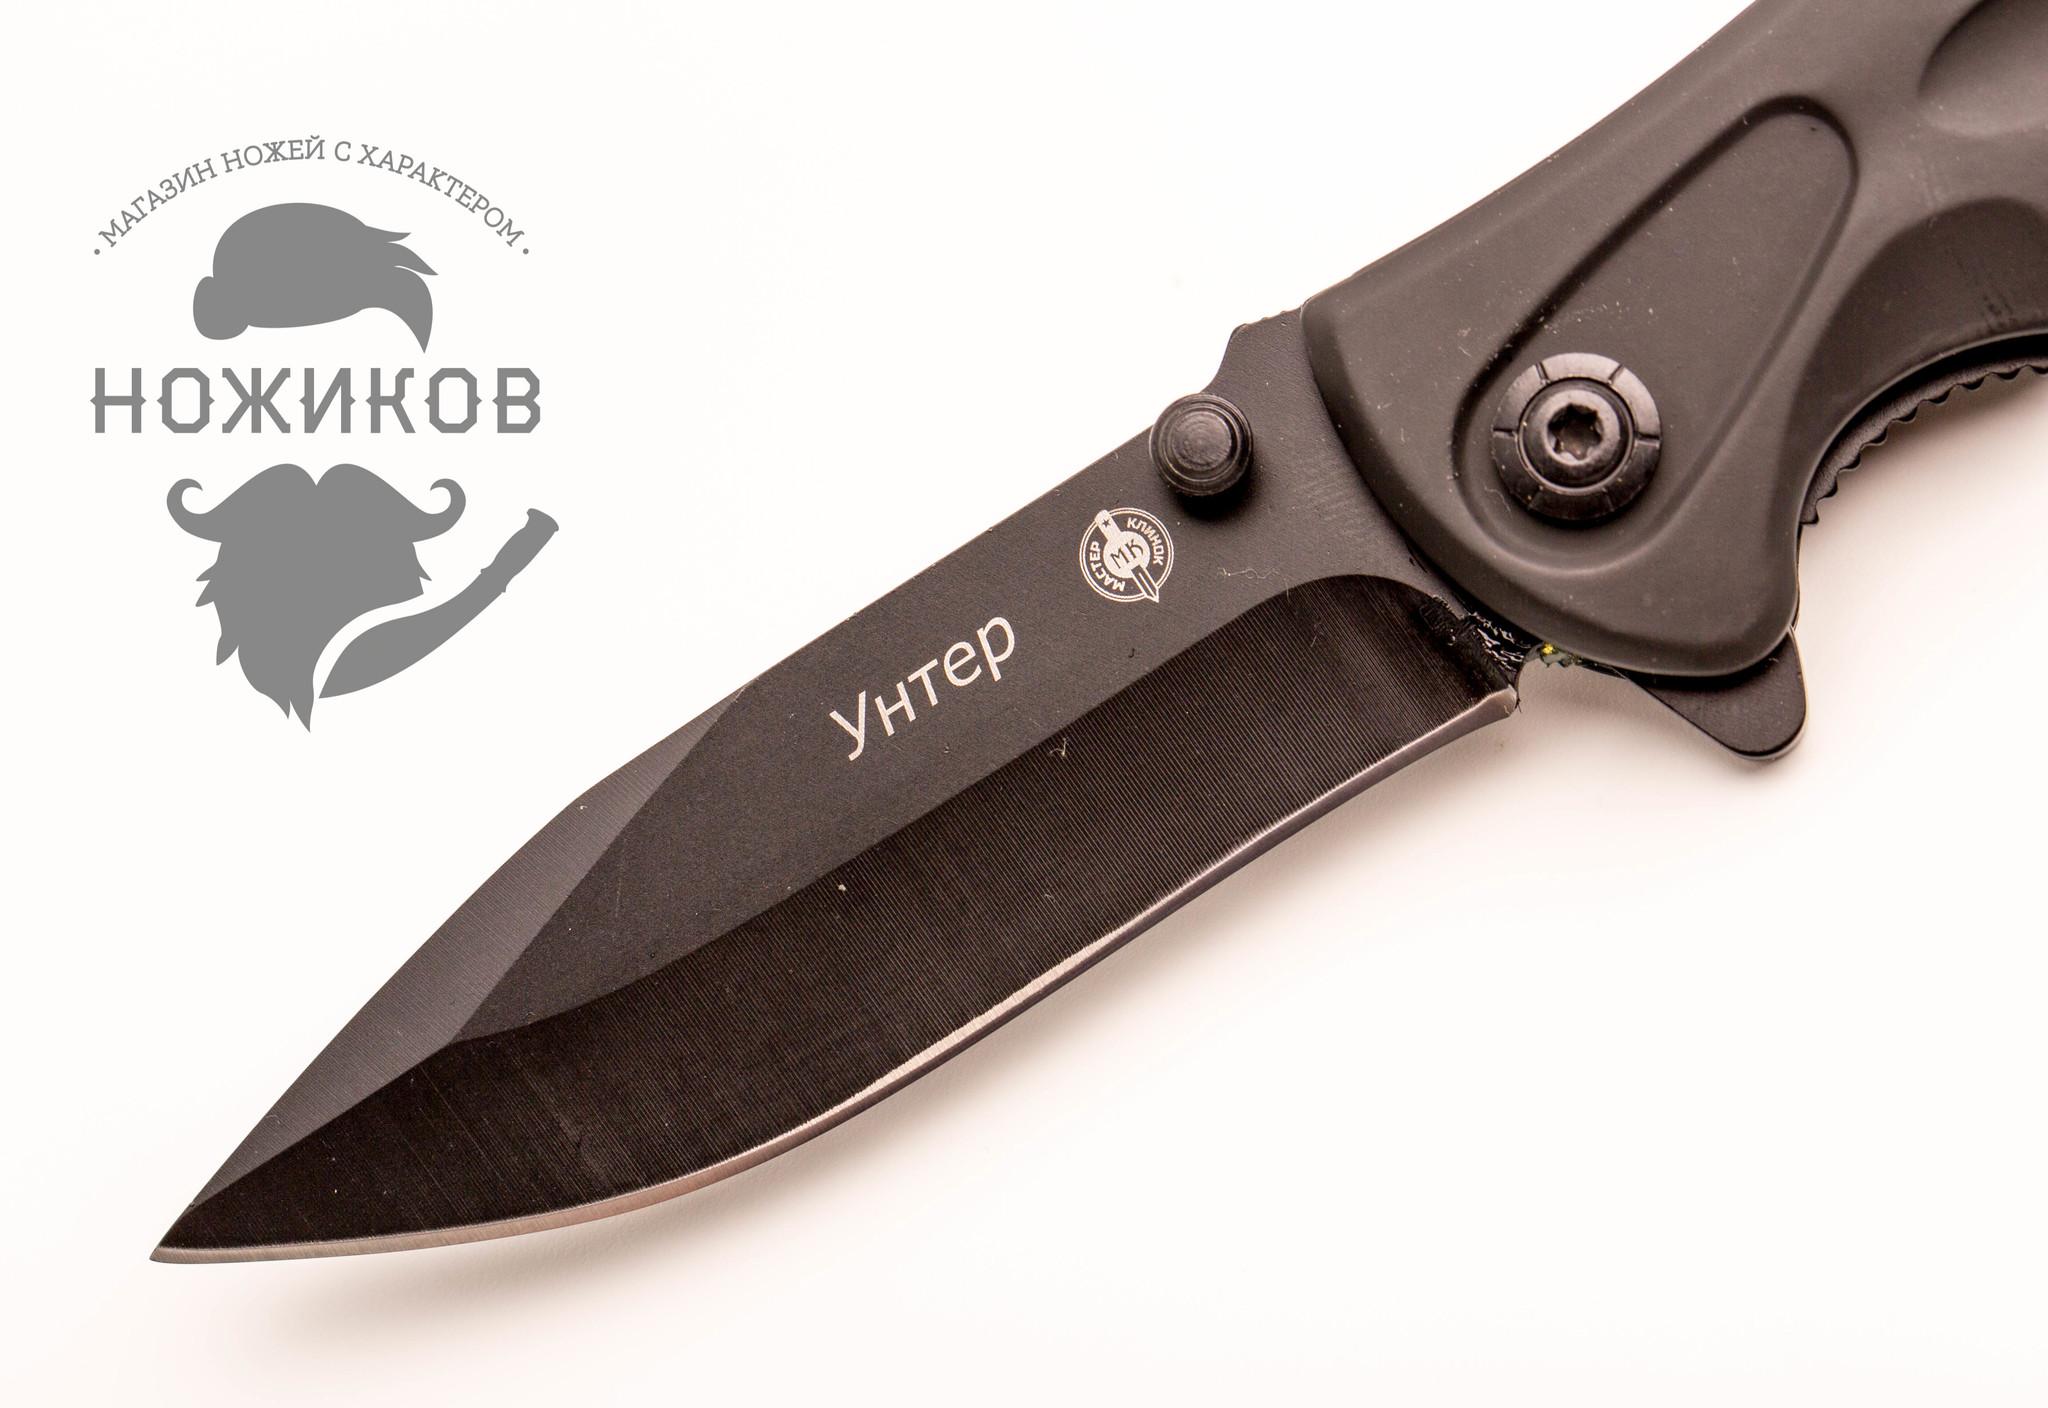 Фото 12 - Нож складной Унтер от Viking Nordway